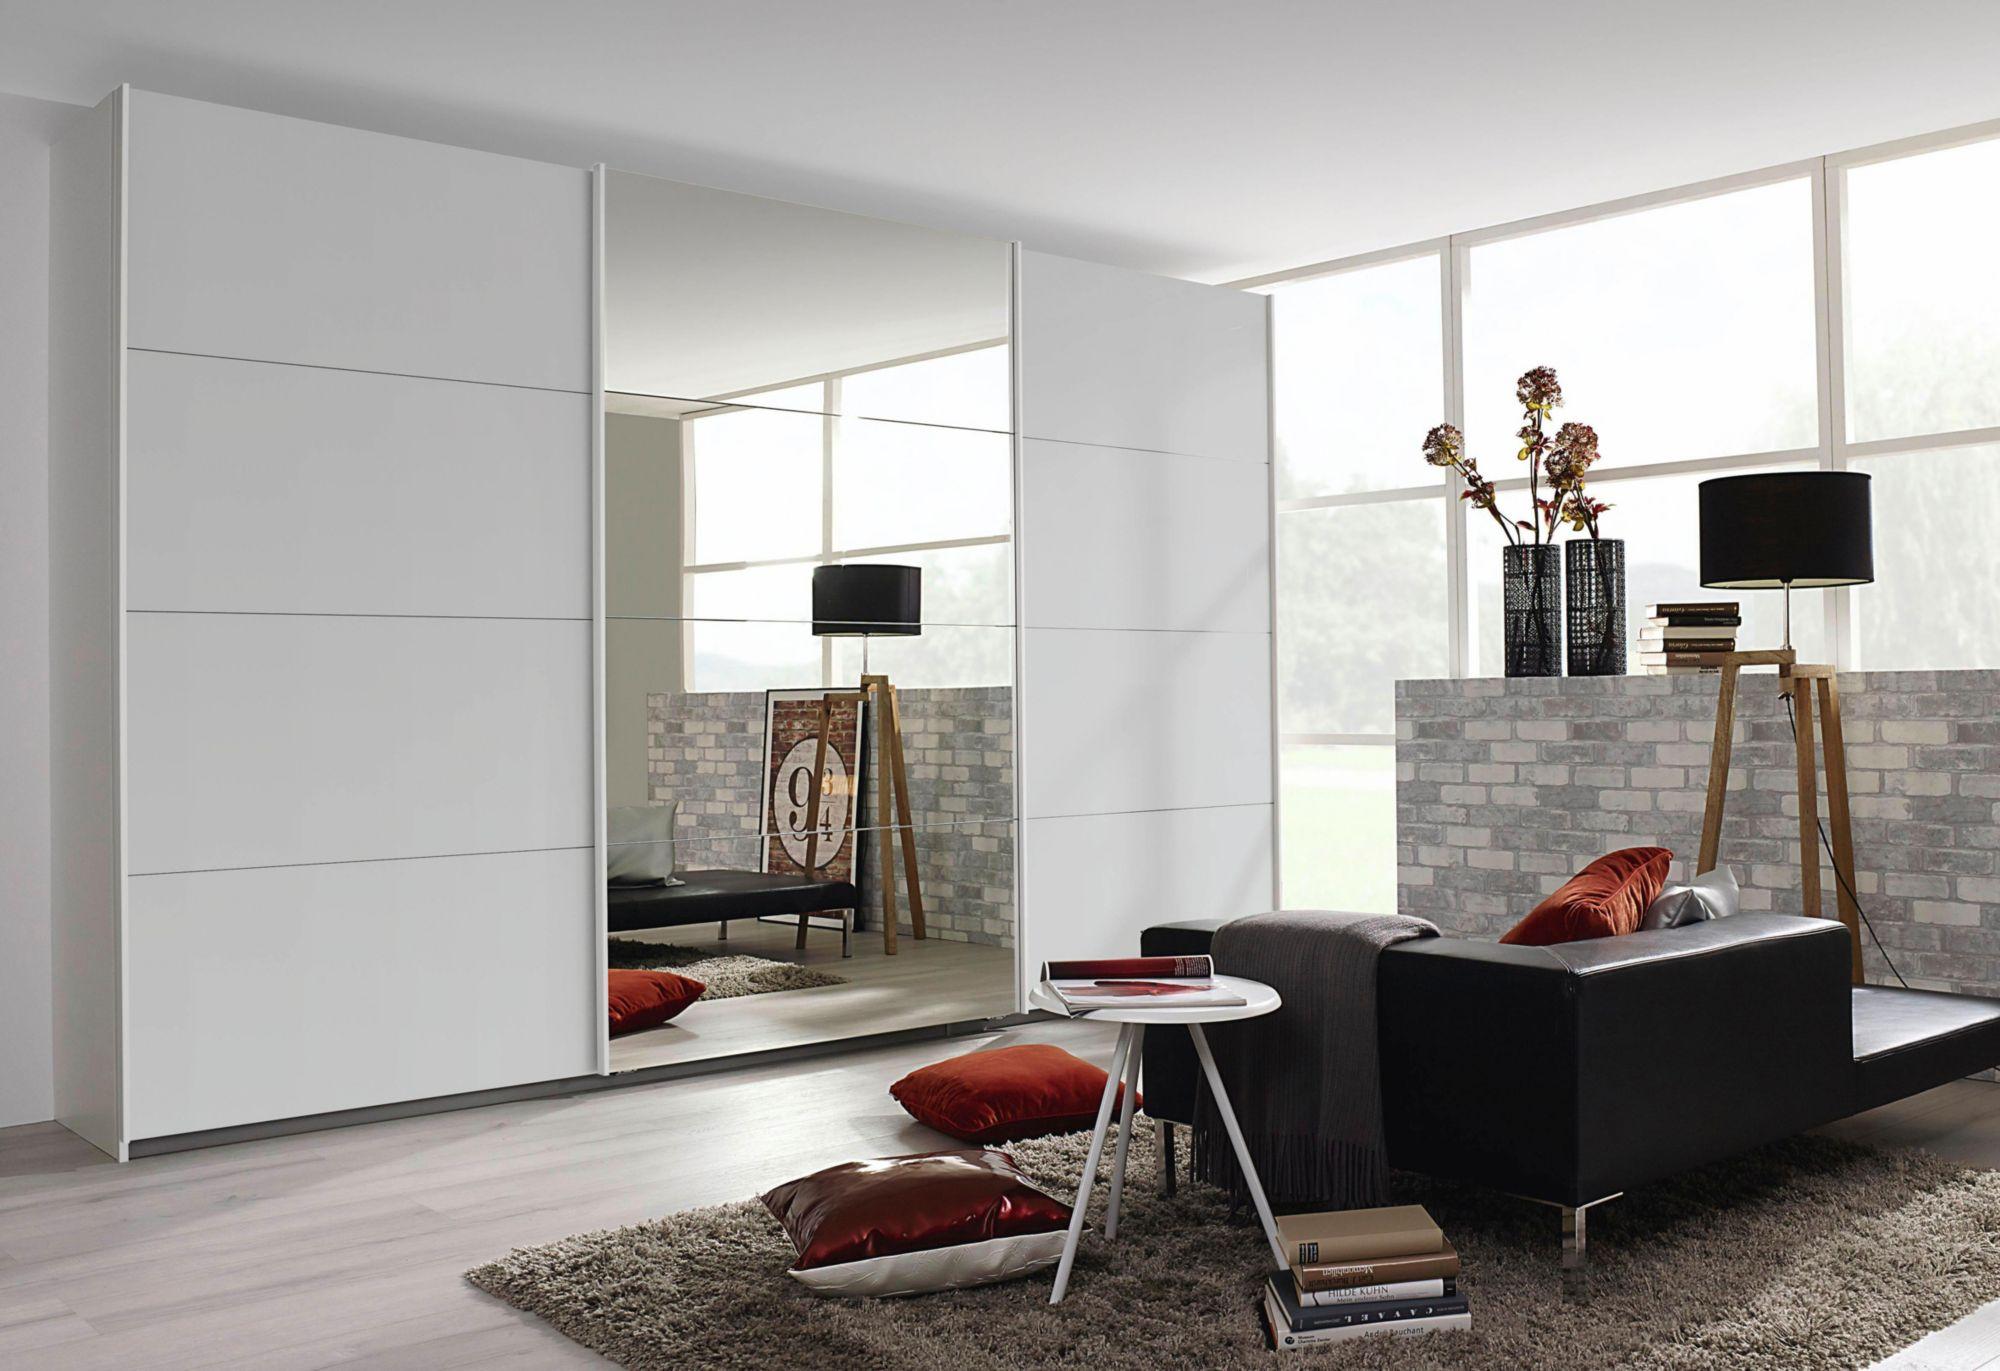 Kleiderschränke im Online-Shop | Der Schwab Versand | Möbel ...